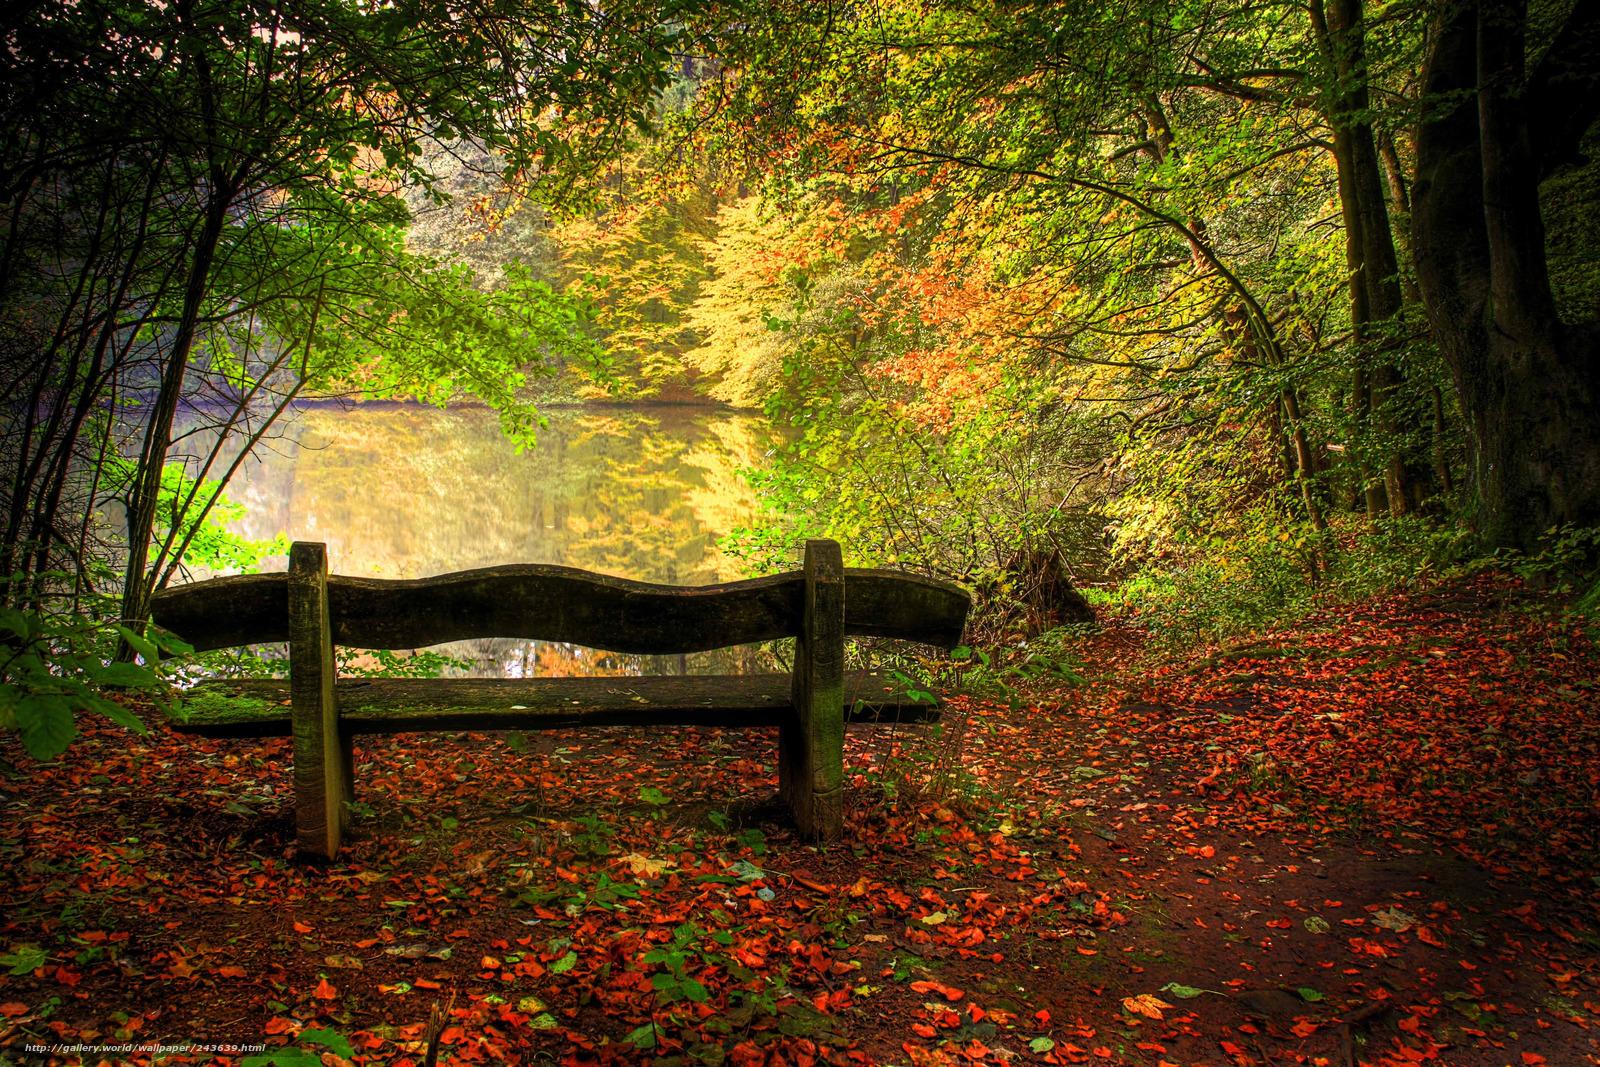 Hq doğa göl sonbahar manzara ağaçlar 4271x2848 resim doğa